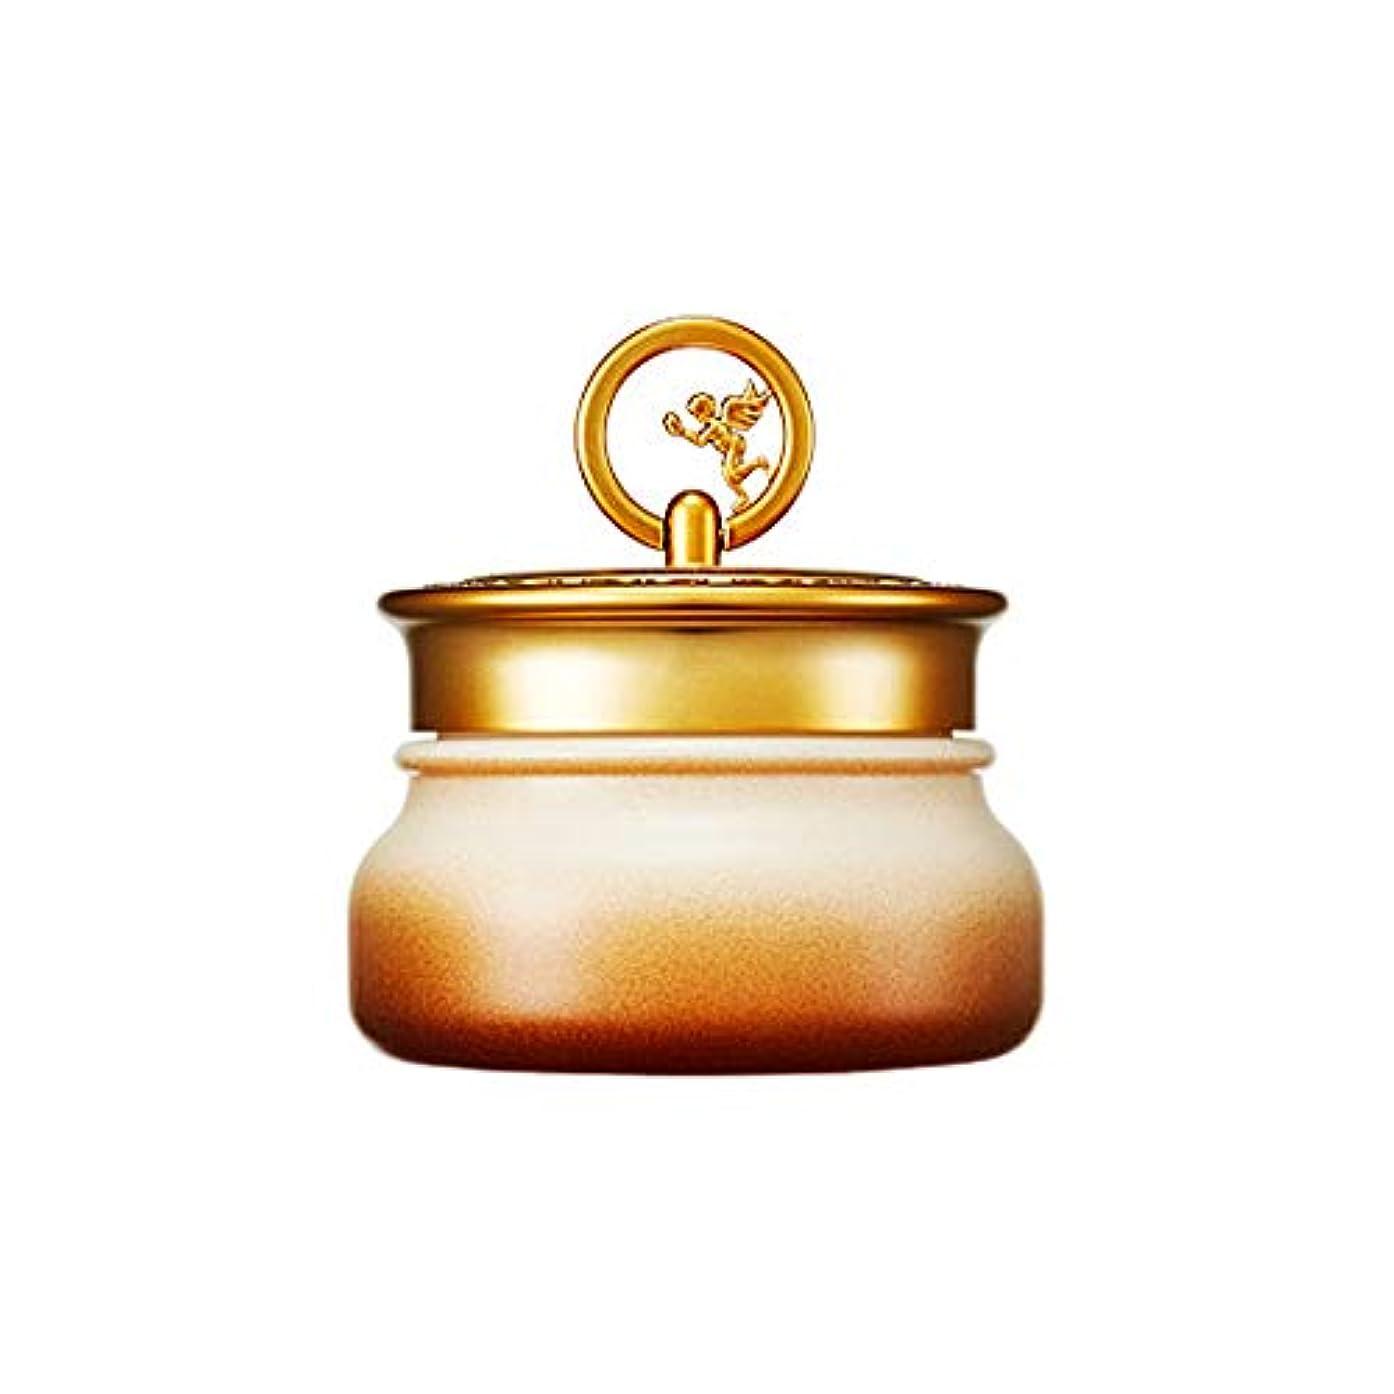 墓リクルートエステートSkinfood ゴールドキャビアクリーム(しわケア) / Gold Caviar Cream (wrinkle care) 45g [並行輸入品]